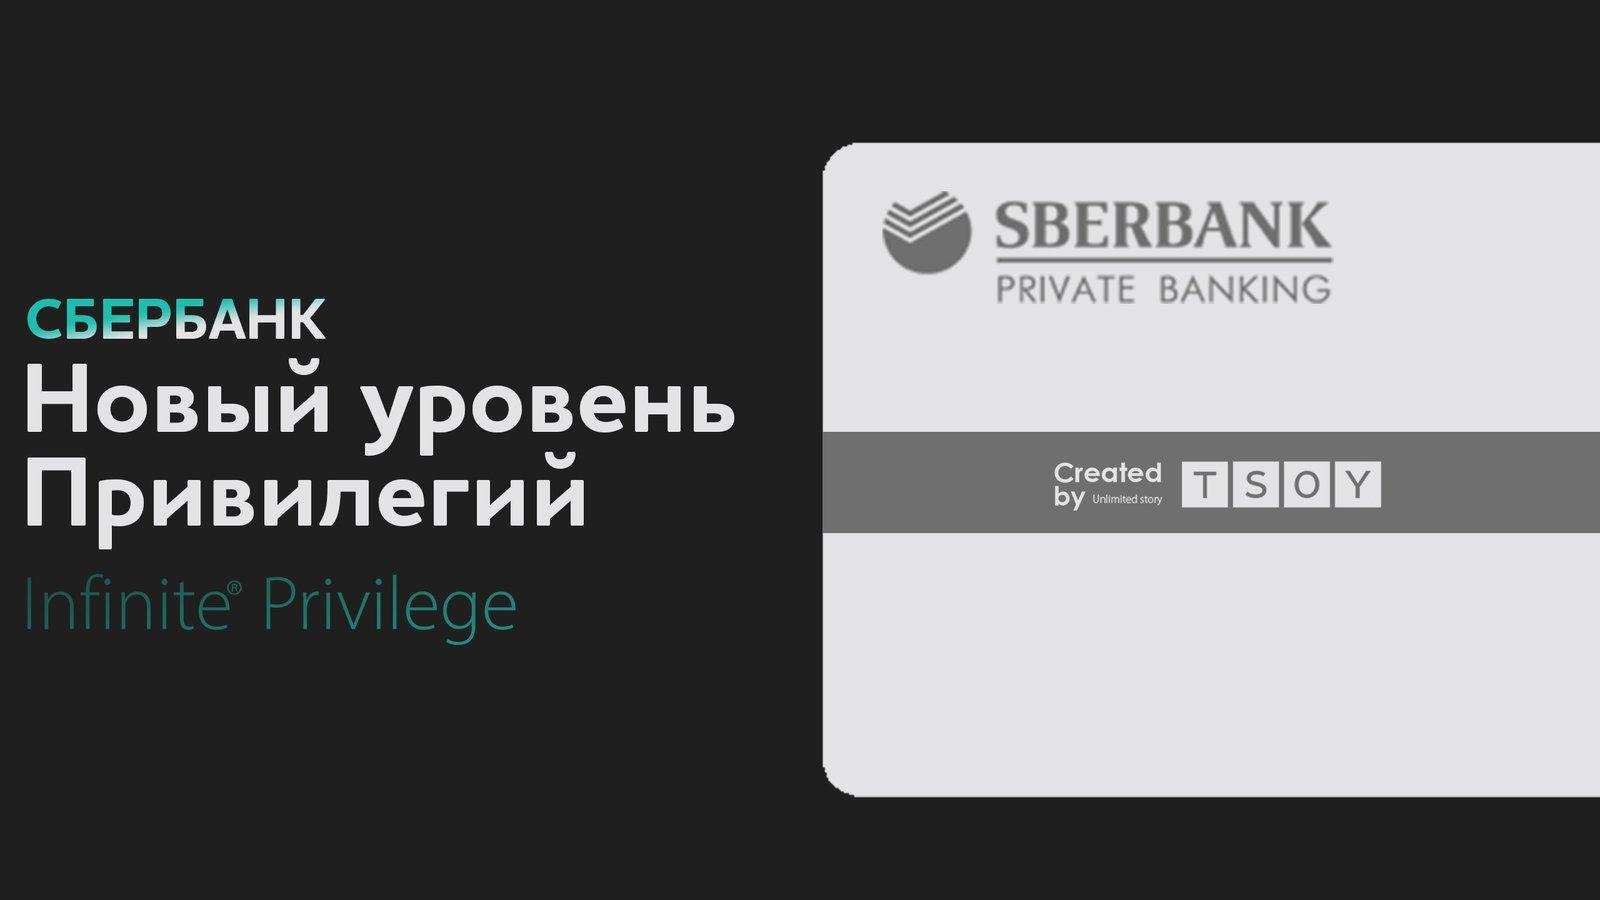 кредит 300 000 рублей сбербанк